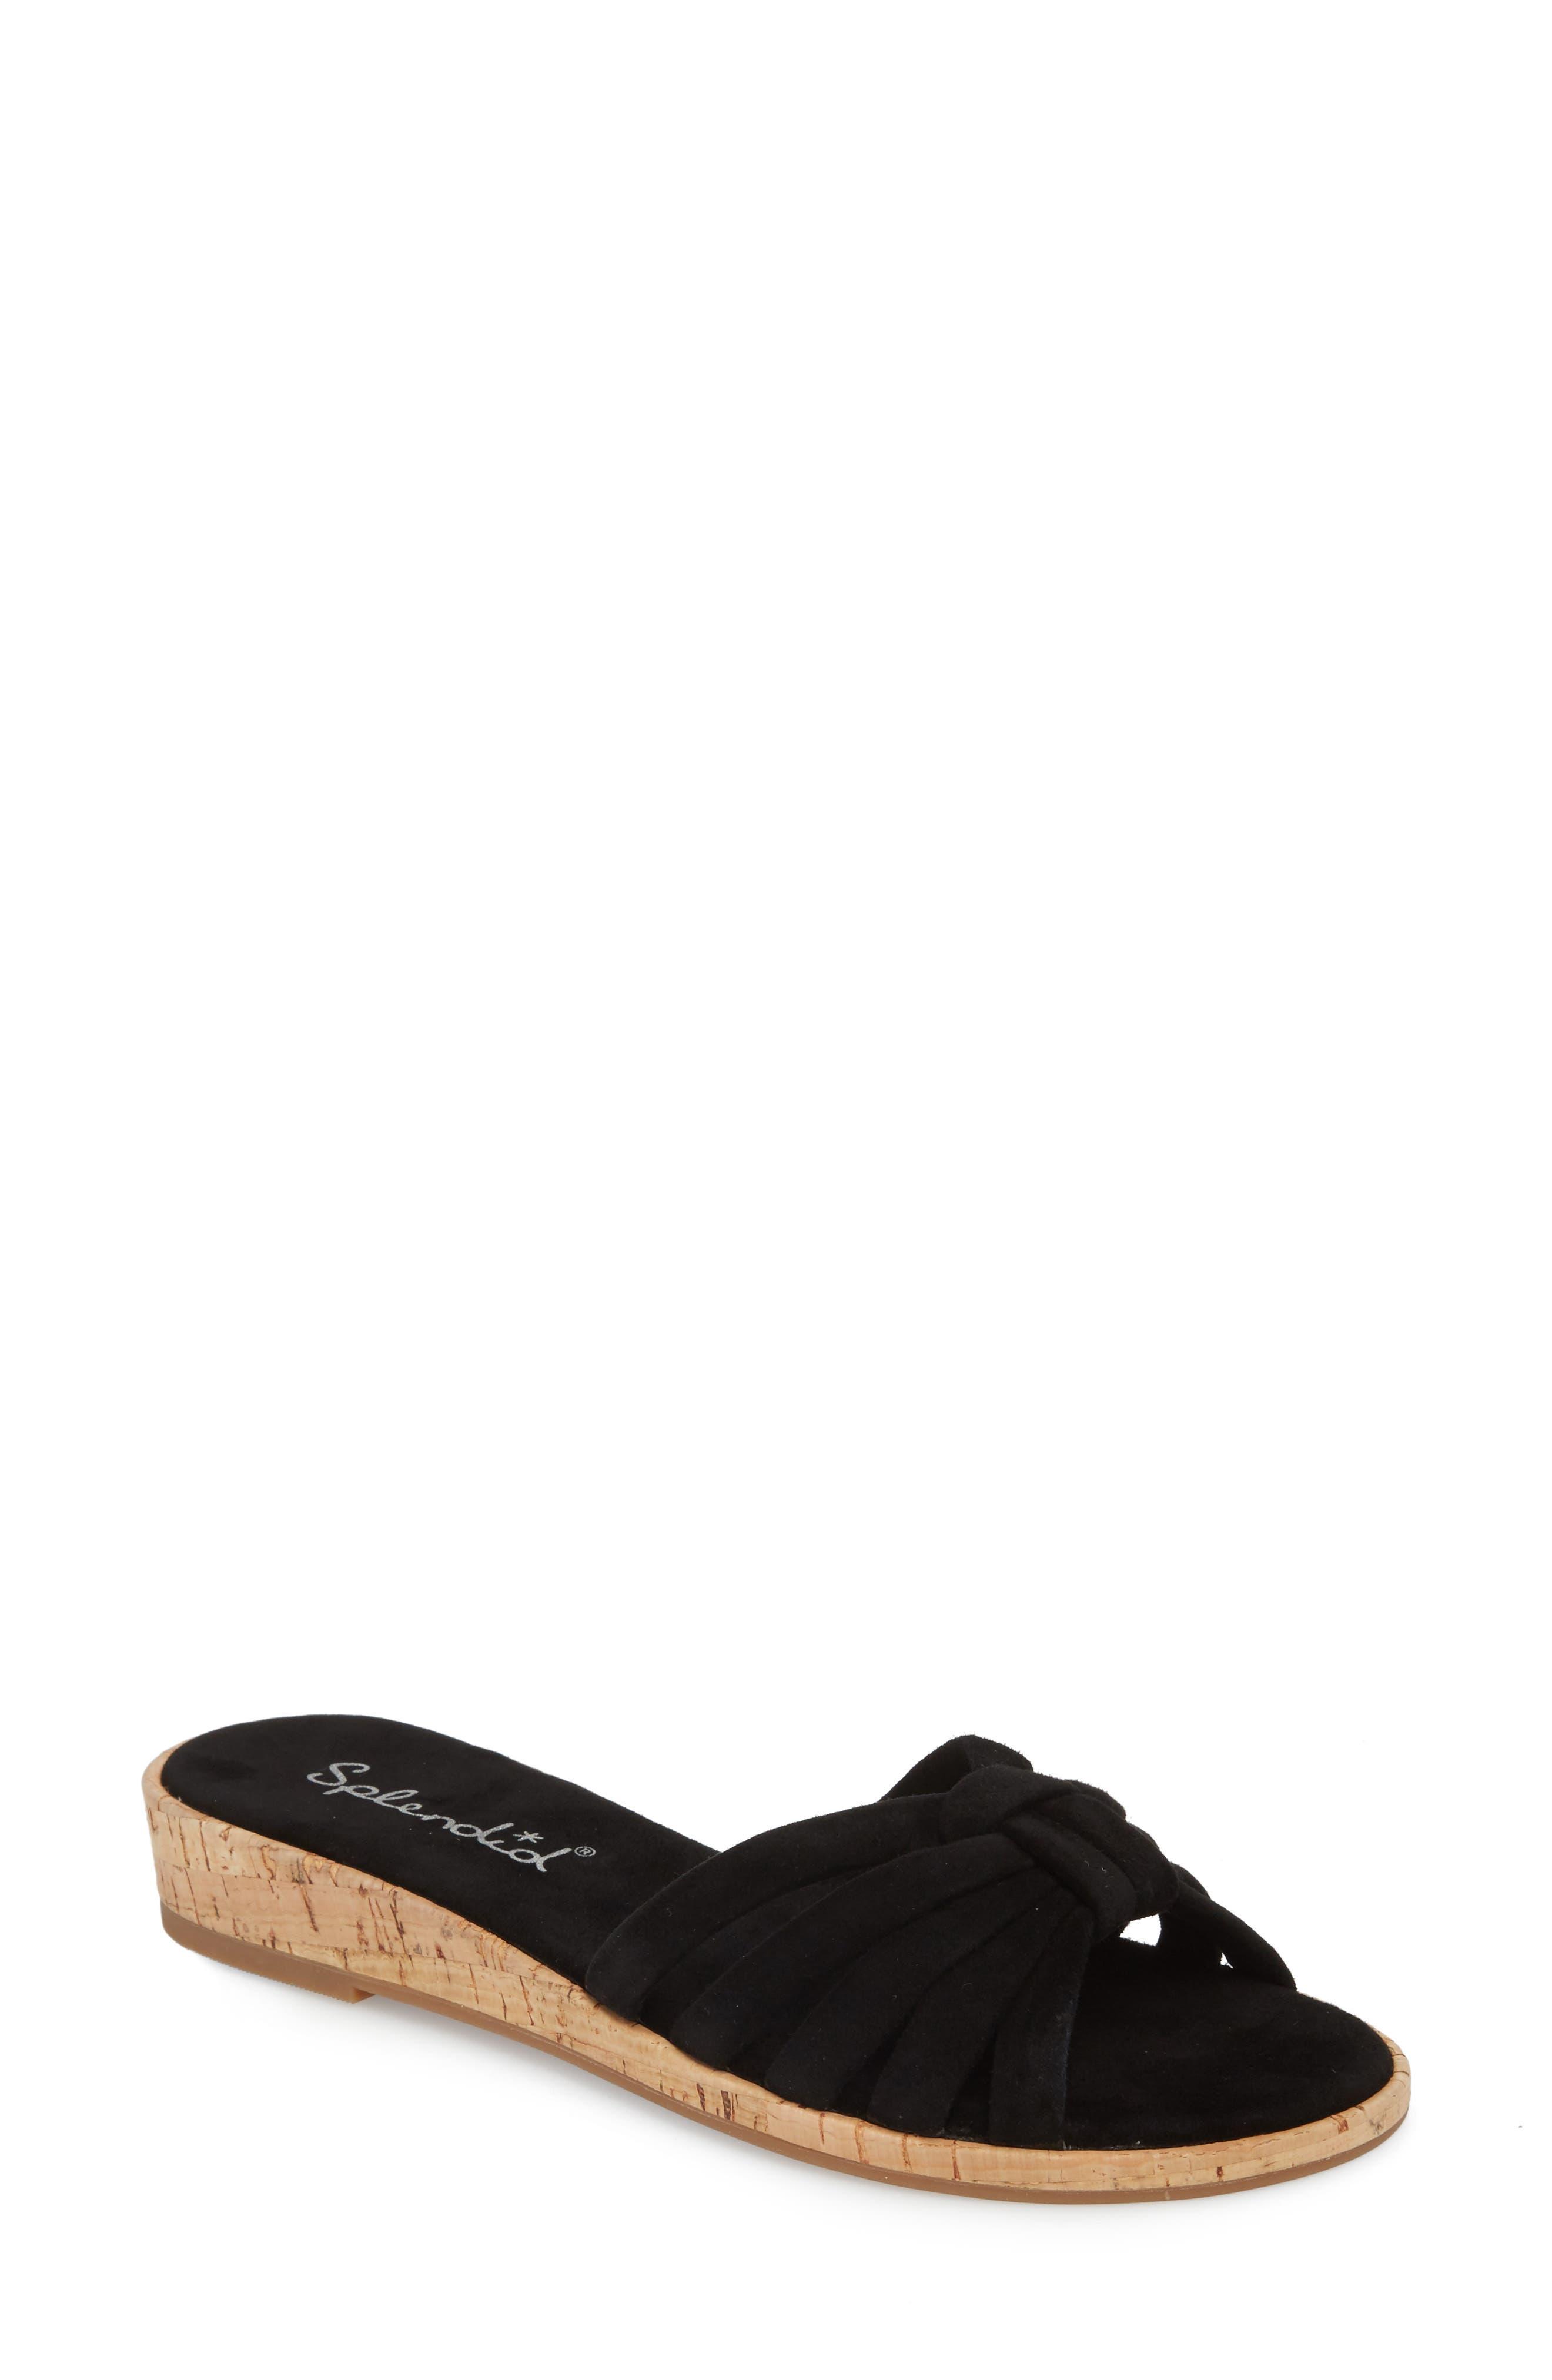 Faith Sandal,                         Main,                         color, BLACK SUEDE